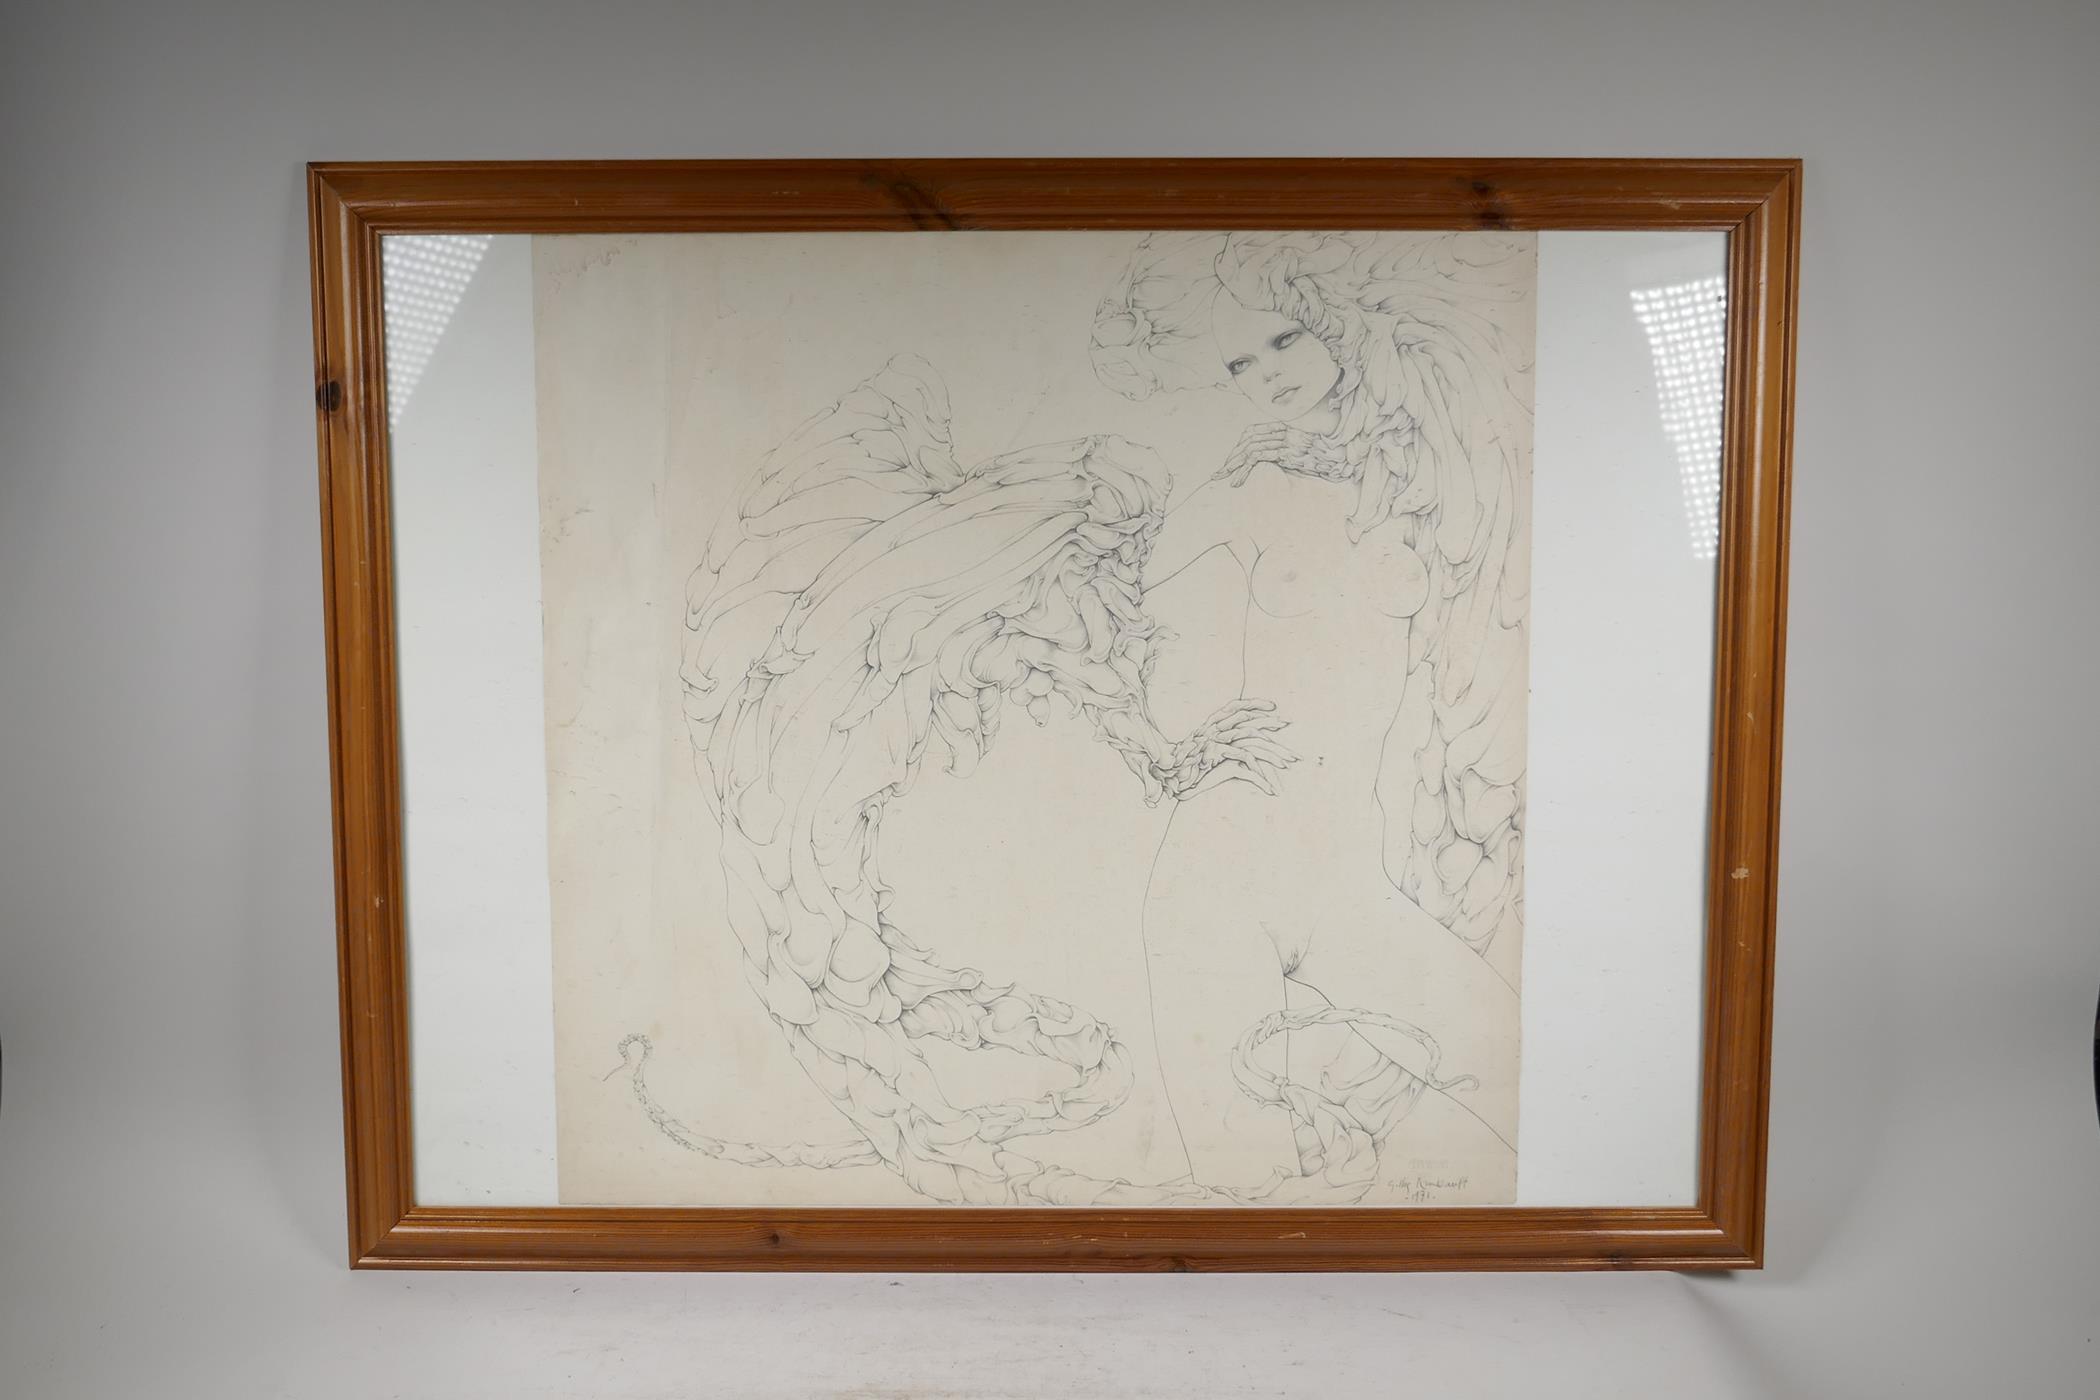 """After Gilles Rimbault, Studio 69, erotic surrealist art print, stamped, 23"""" x 23"""" - Image 3 of 4"""